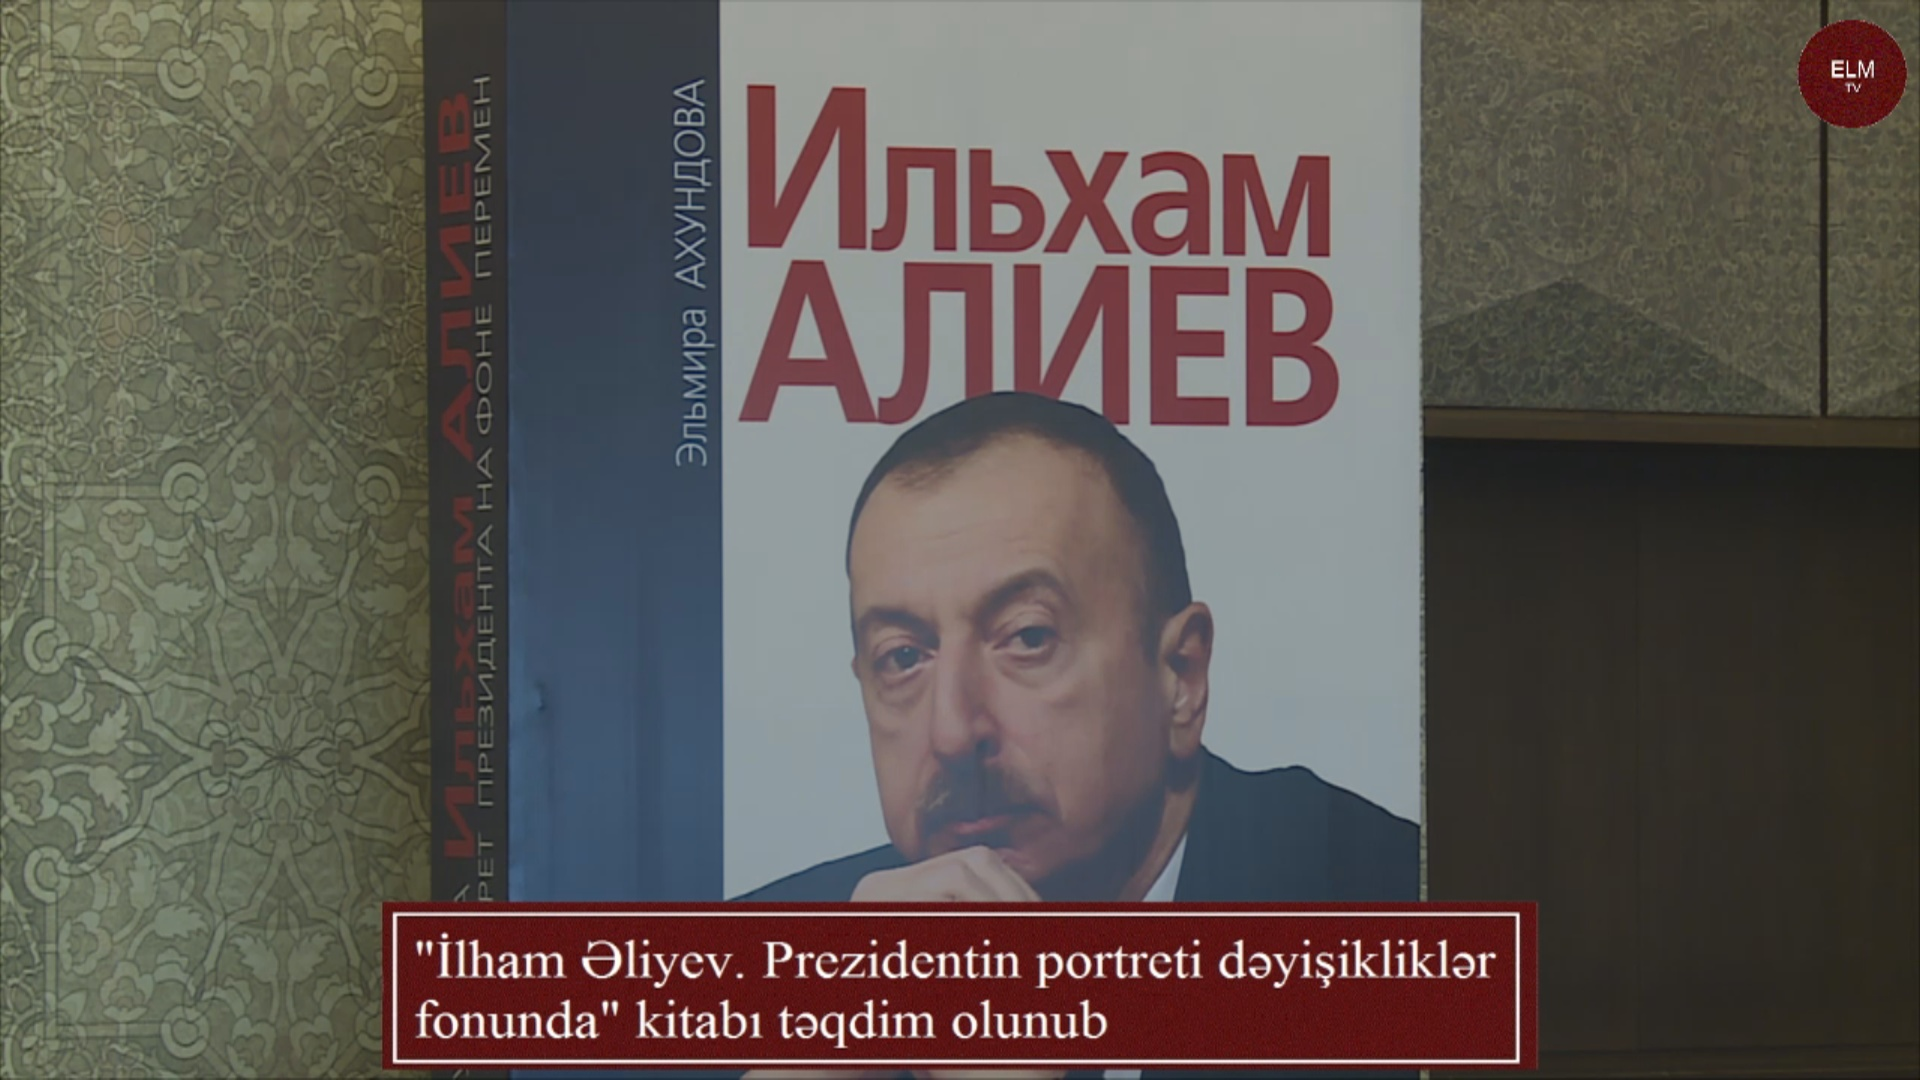 """""""İlham Əliyev. Prezidentin portreti dəyişikliklər fonunda"""" kitabı təqdim olunub"""